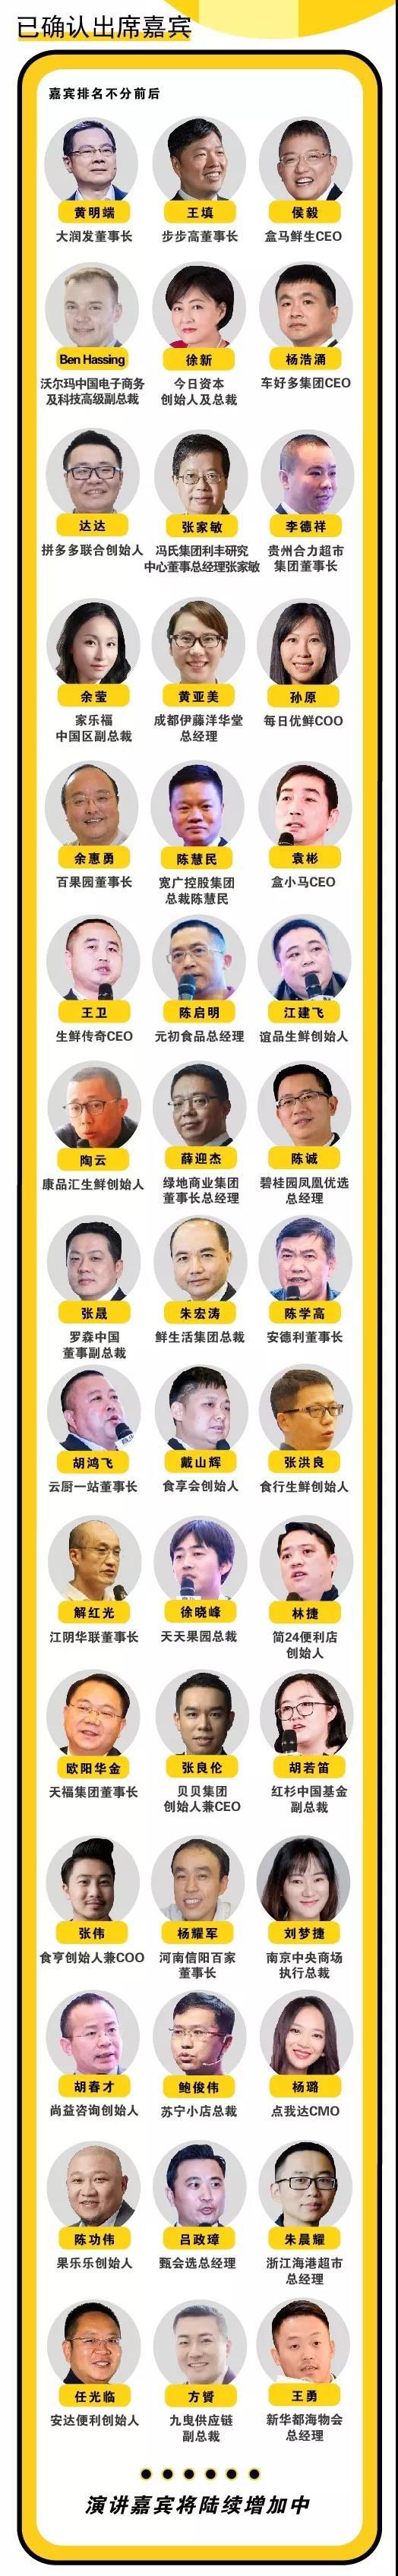 2019第三届新零售峰会(上海)